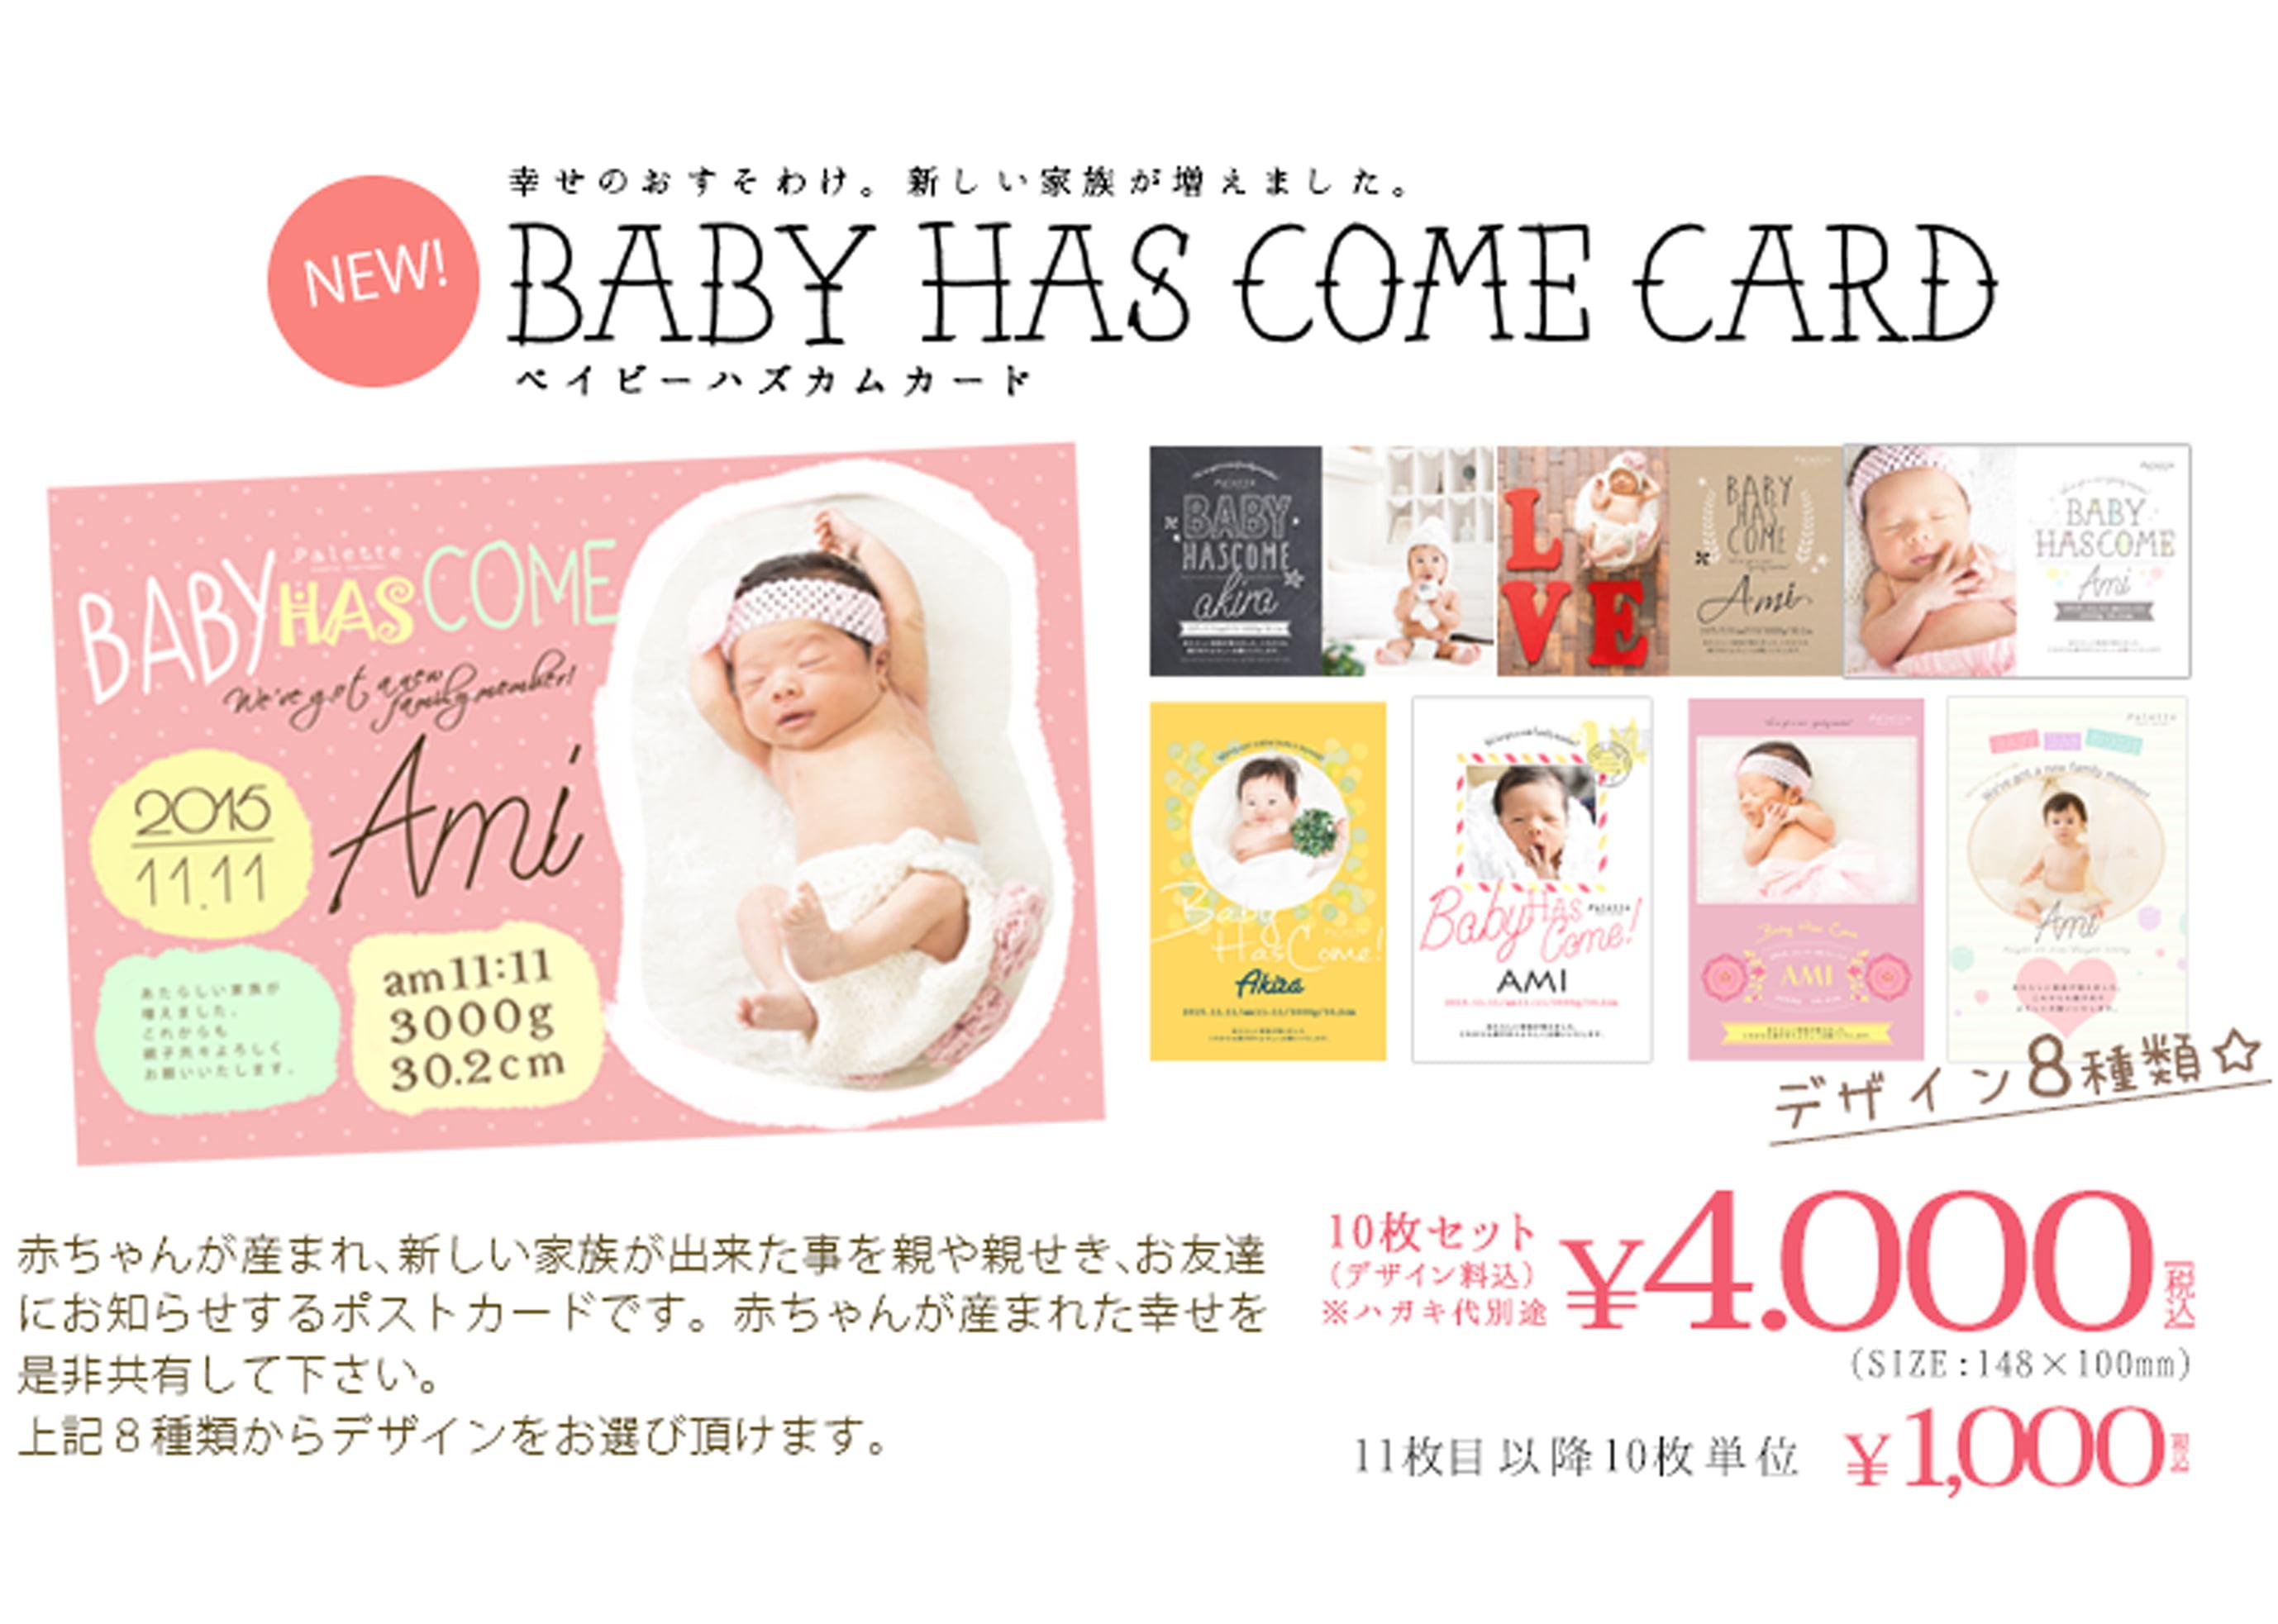 赤ちゃんが産まれたことをお知らせするポストカードです